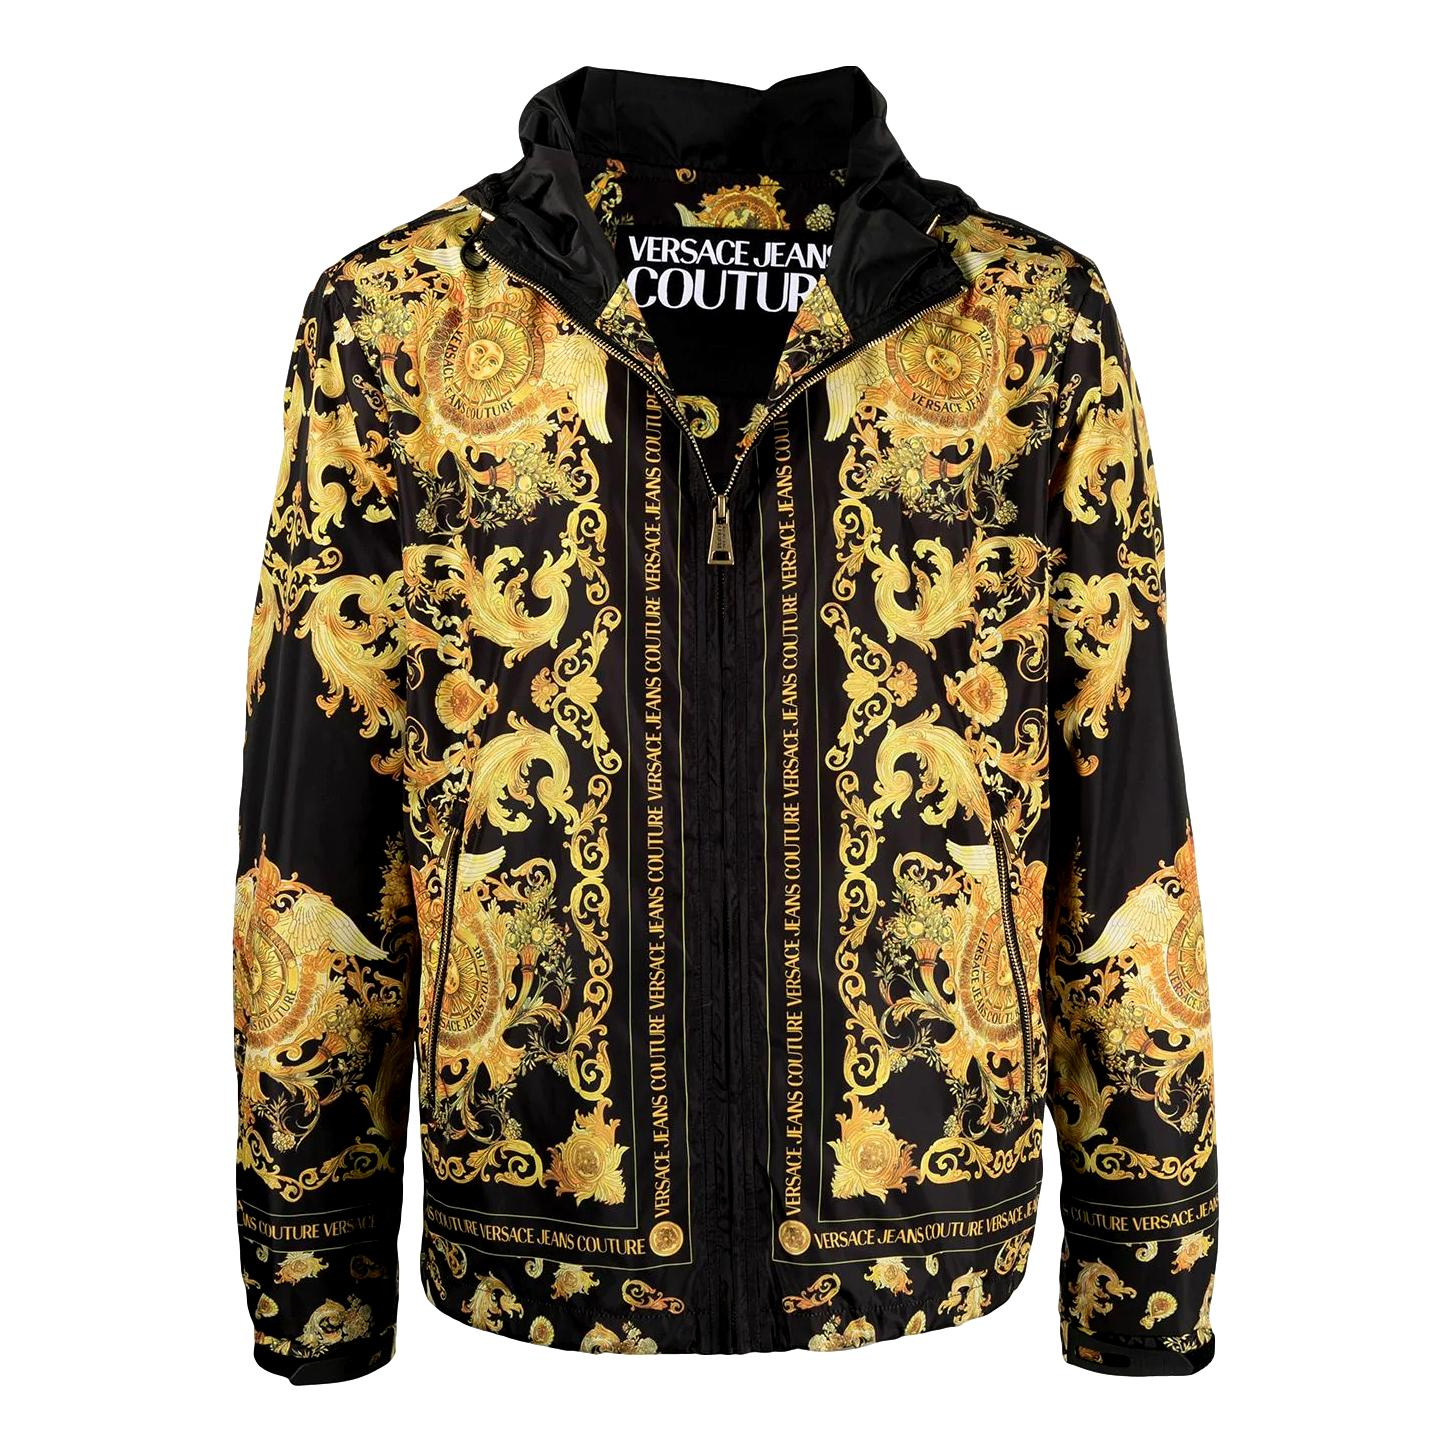 giacca con cappuccio stampa barocca nero oro VERSACE JEANS COUTURE | Giubbotti | C1GWA9A8 25188899